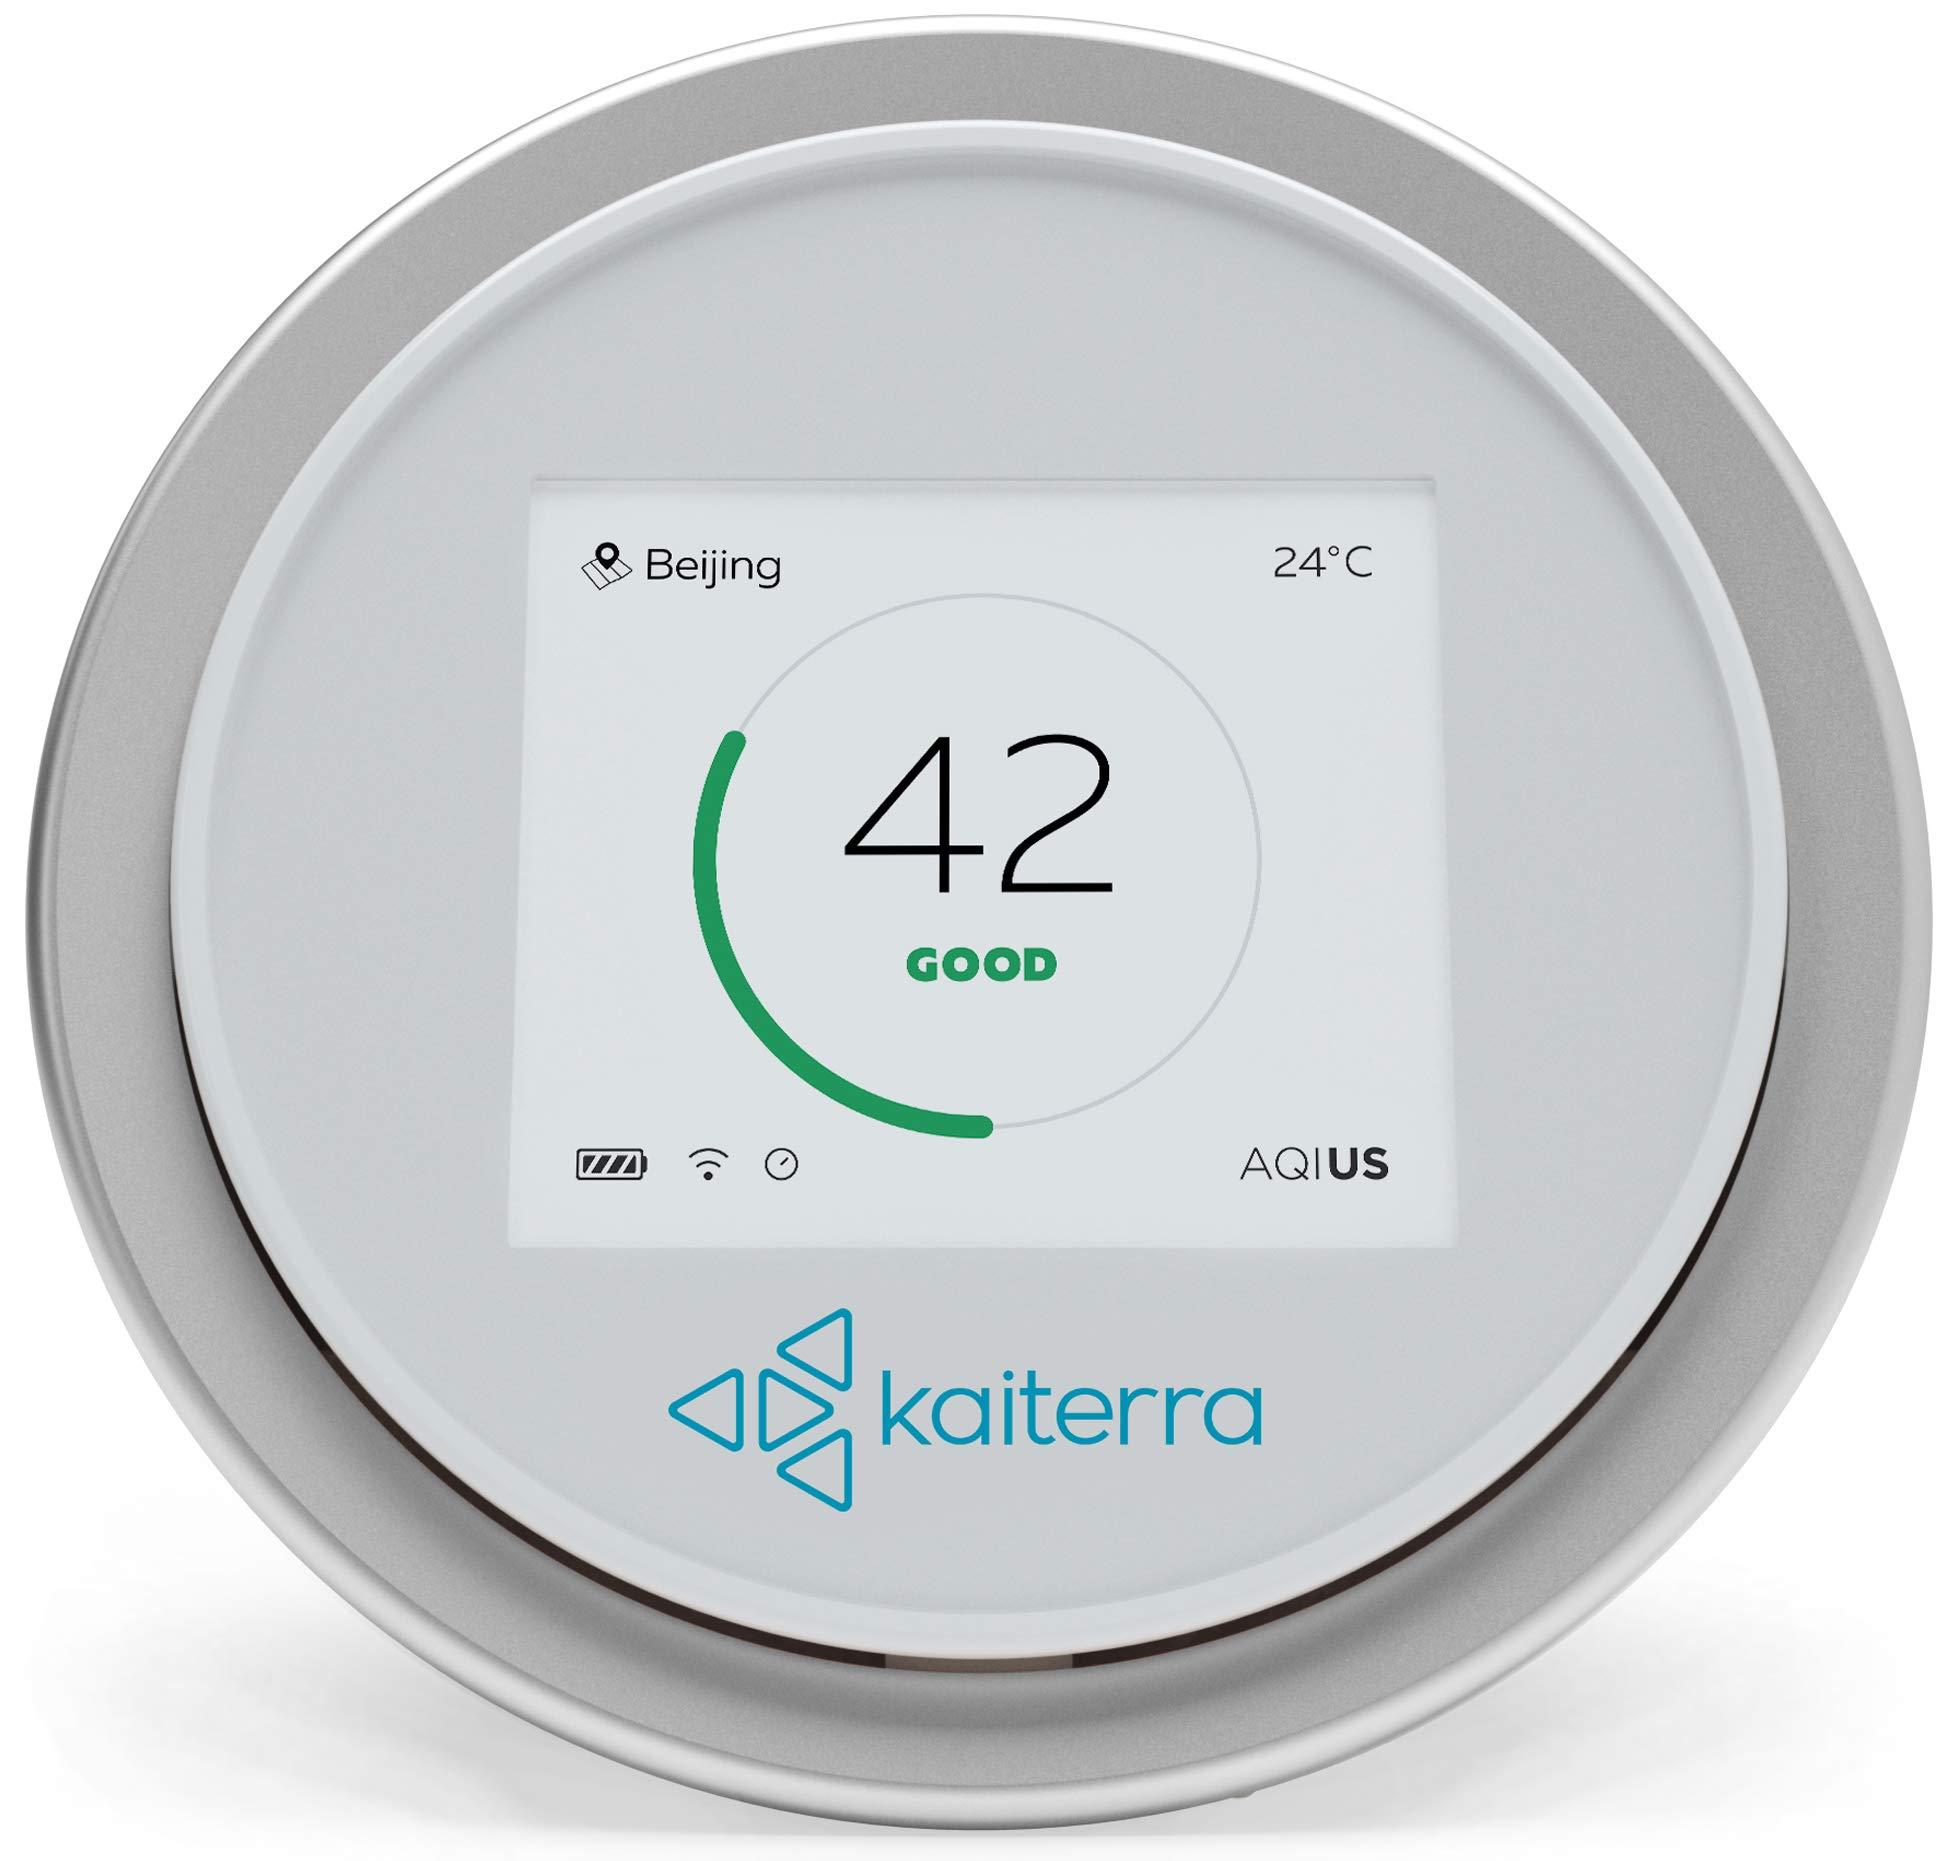 Laser Egg 2 Qualité de l'air PM2.5, Poussière, Température, Humidité